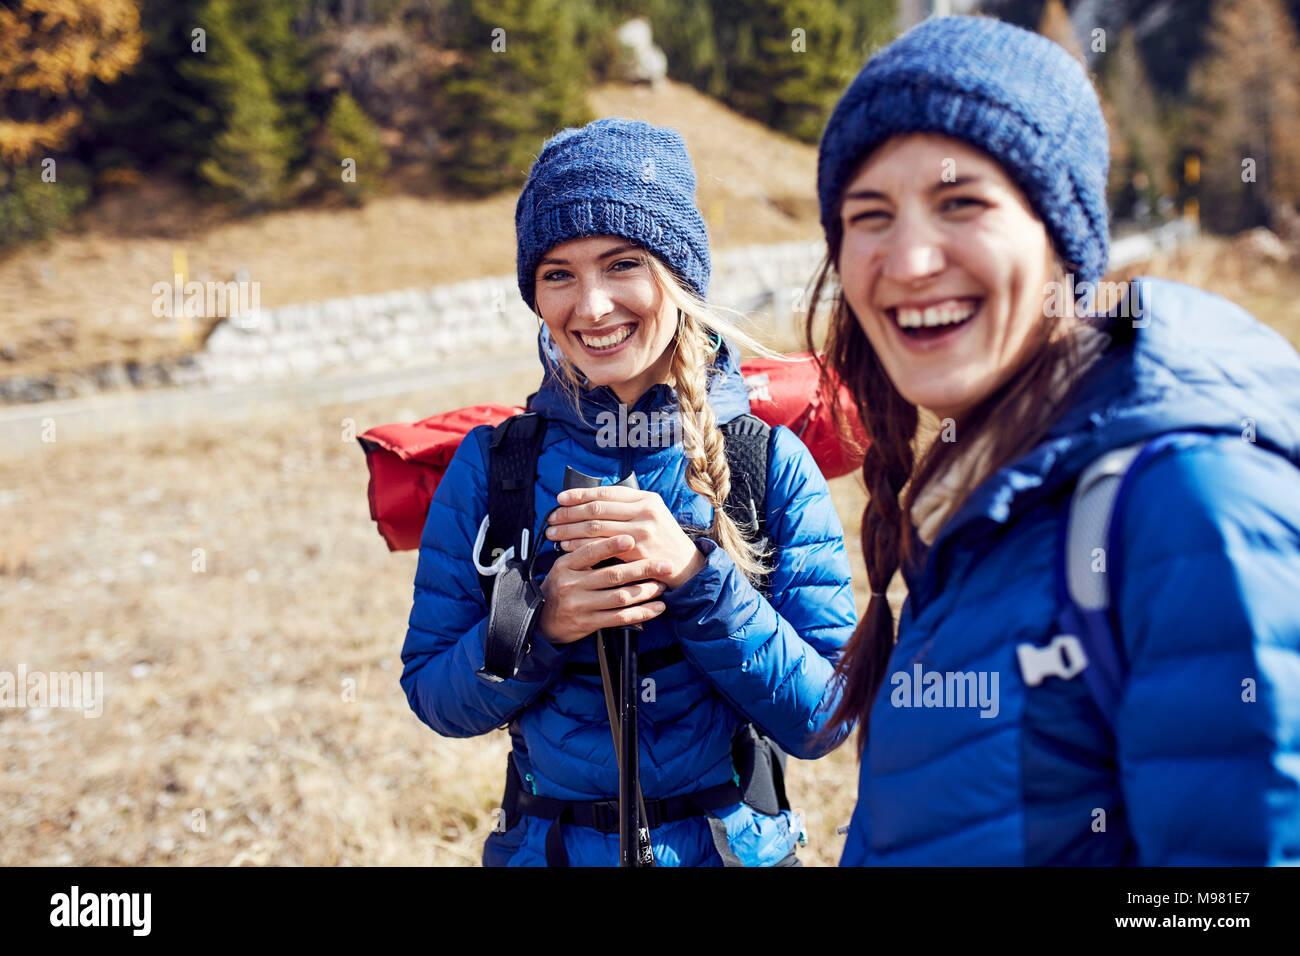 Deux jeunes femmes rire randonnées en montagne Photo Stock